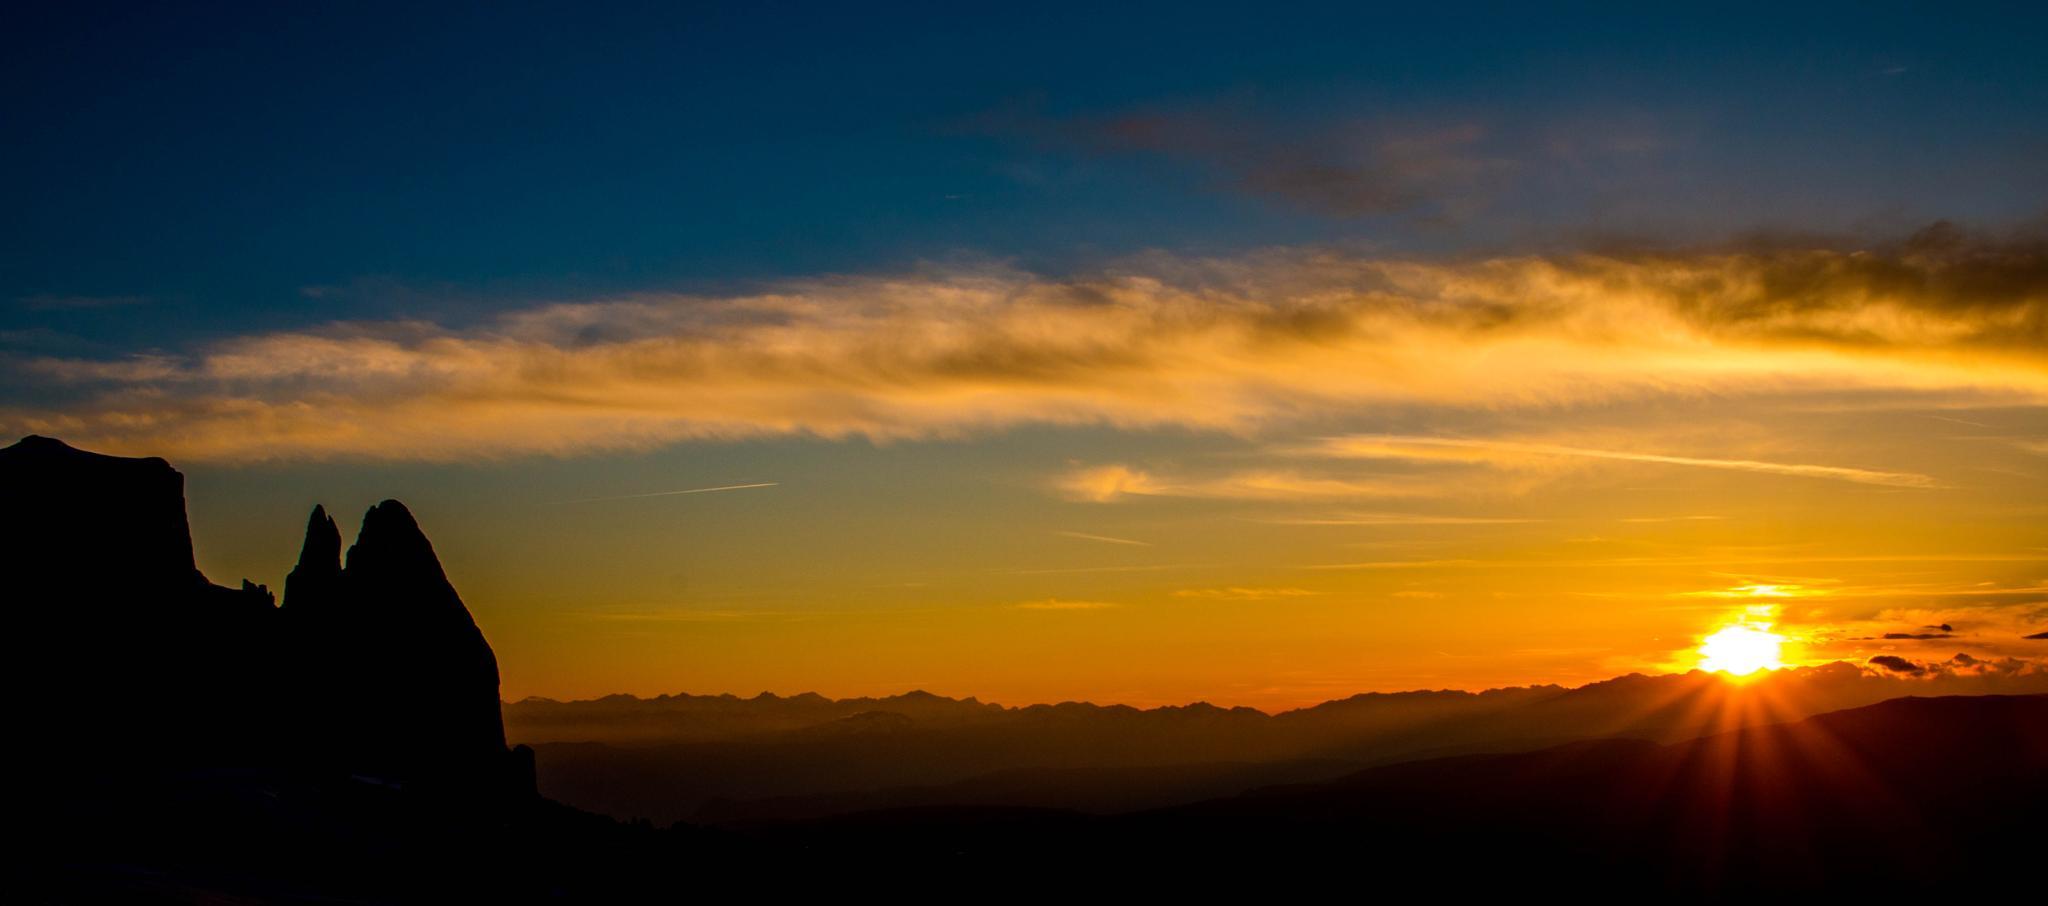 Sunset Schlern by romenstefan